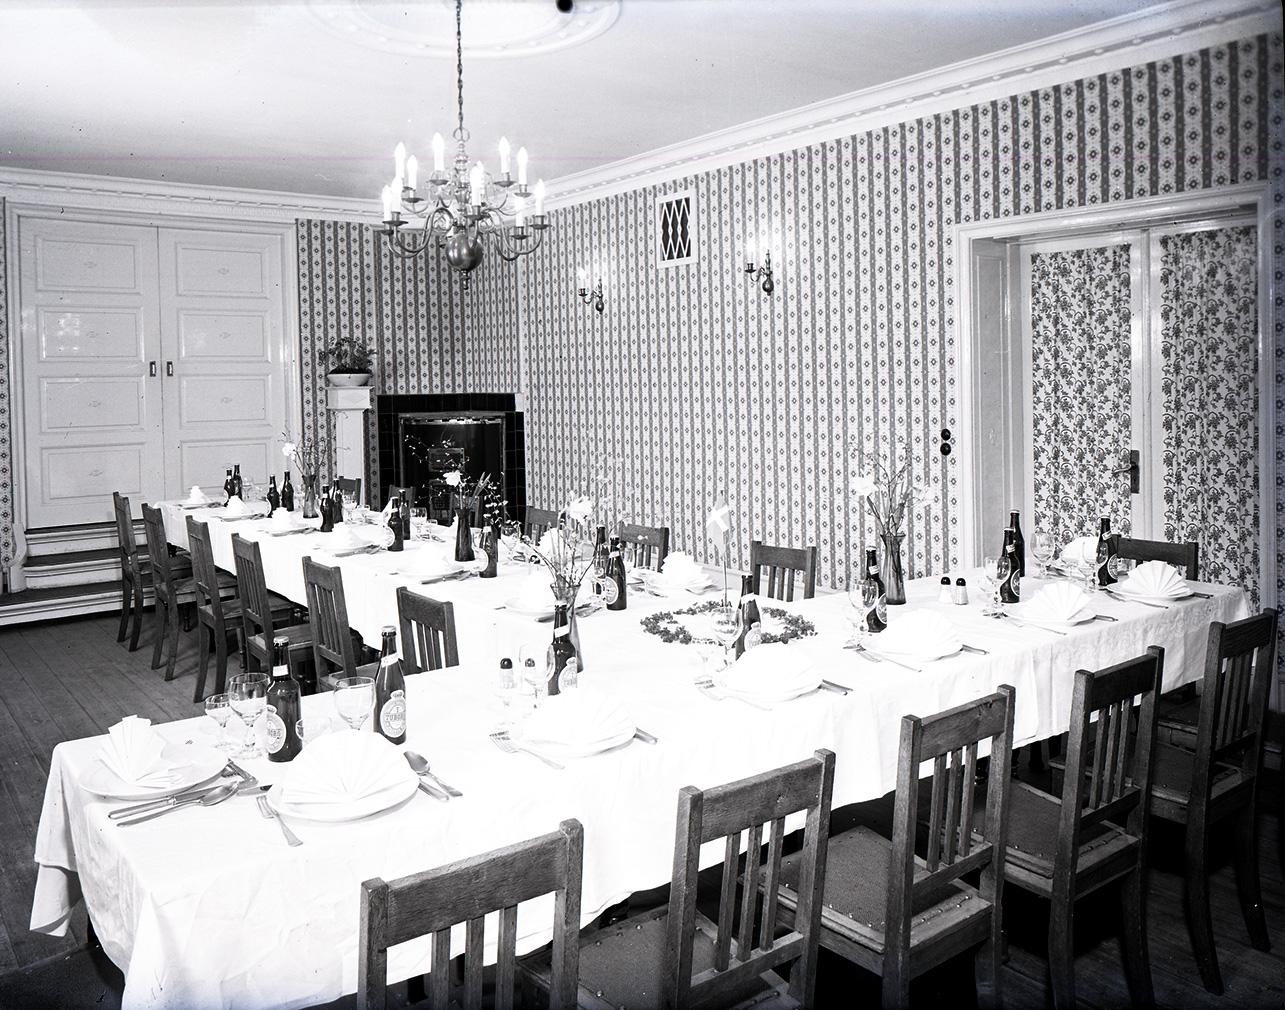 Mødelokale på Linden, hvor der er dækket op til spisning.